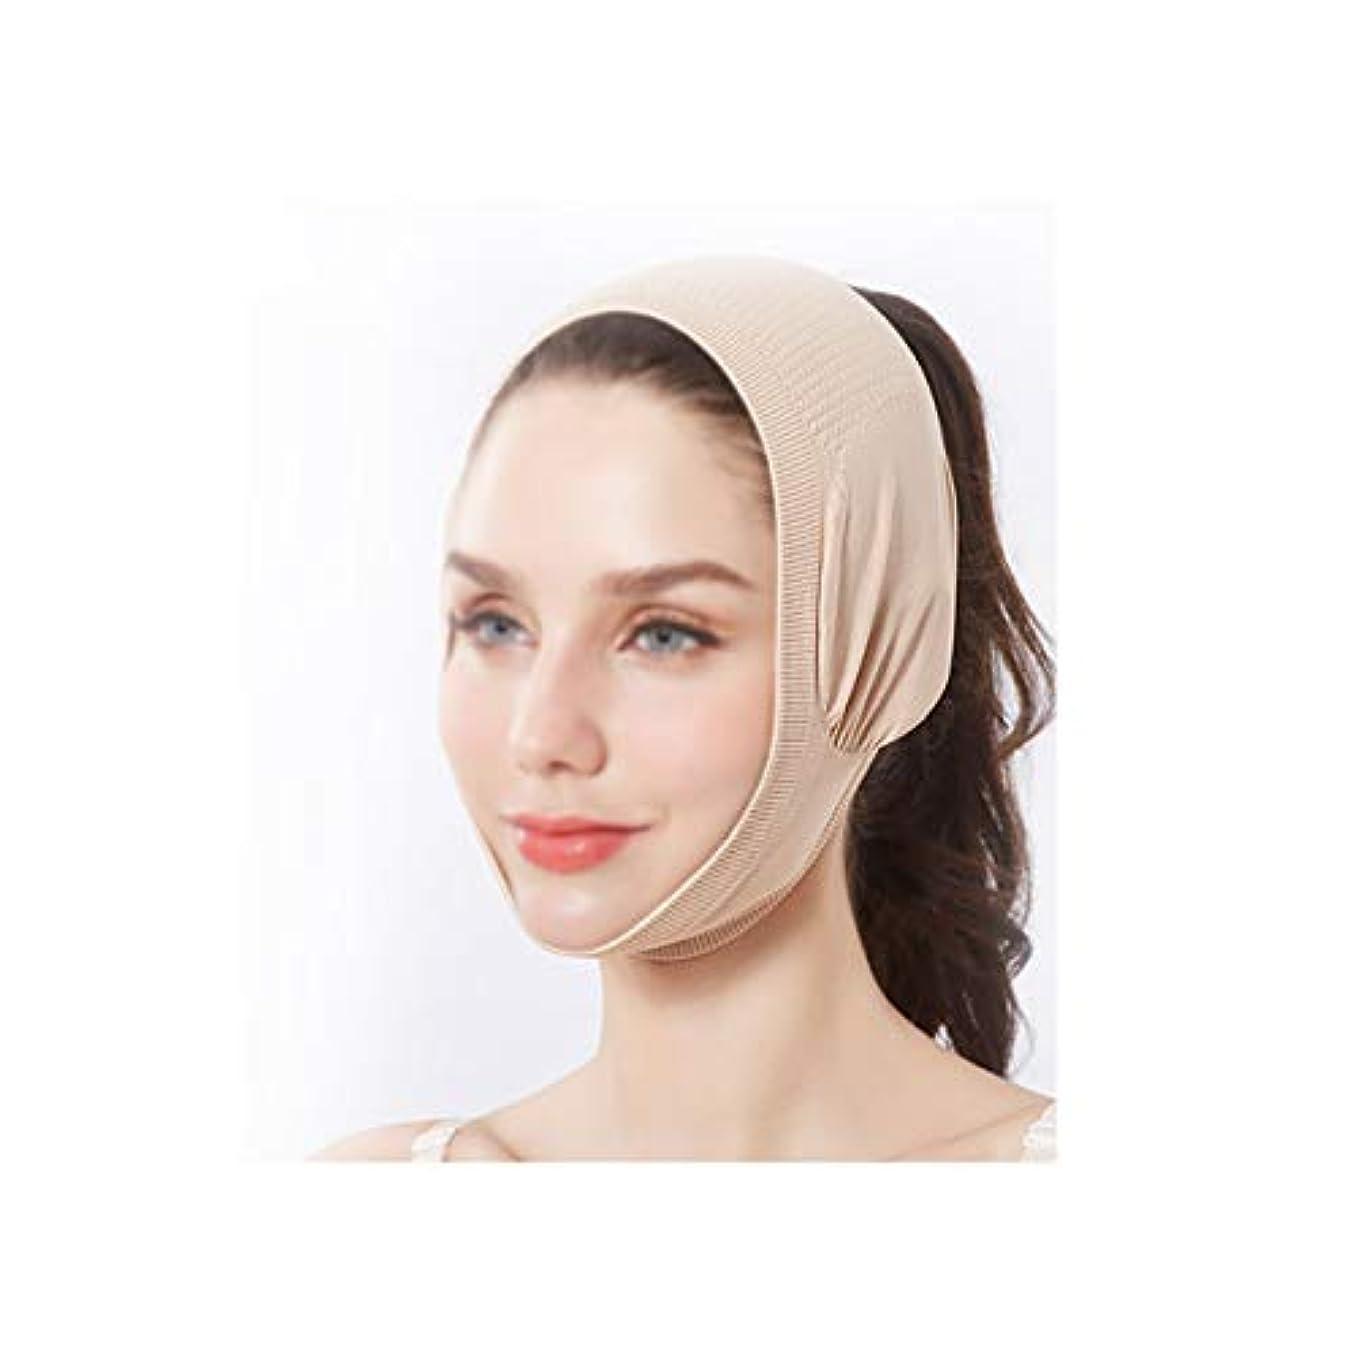 球状小競り合いハンカチTLMY フェイスリフトマスクマスクエクステンション強度フェースレス包帯フェイシャルラージVライン彫刻フェイシャルバックカバーネックバンド 顔用整形マスク (Color : Skin tone)